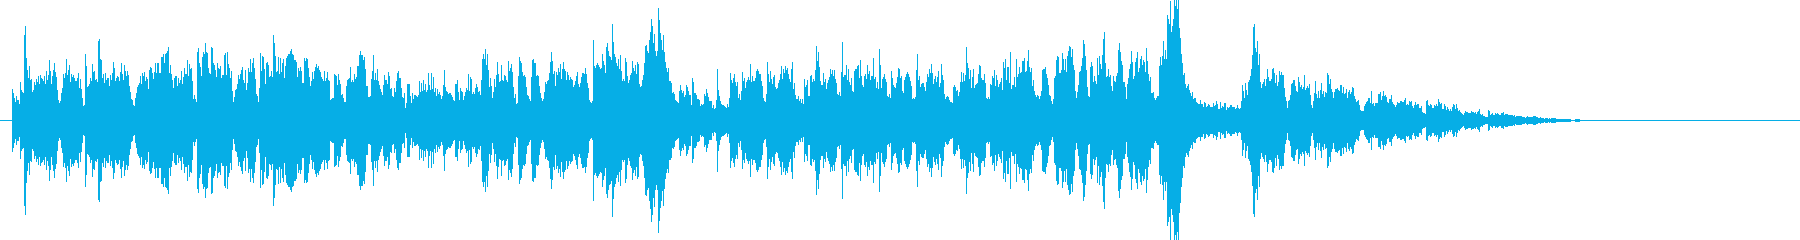 アグレッシブで躍動感あるオーケストラの再生済みの波形